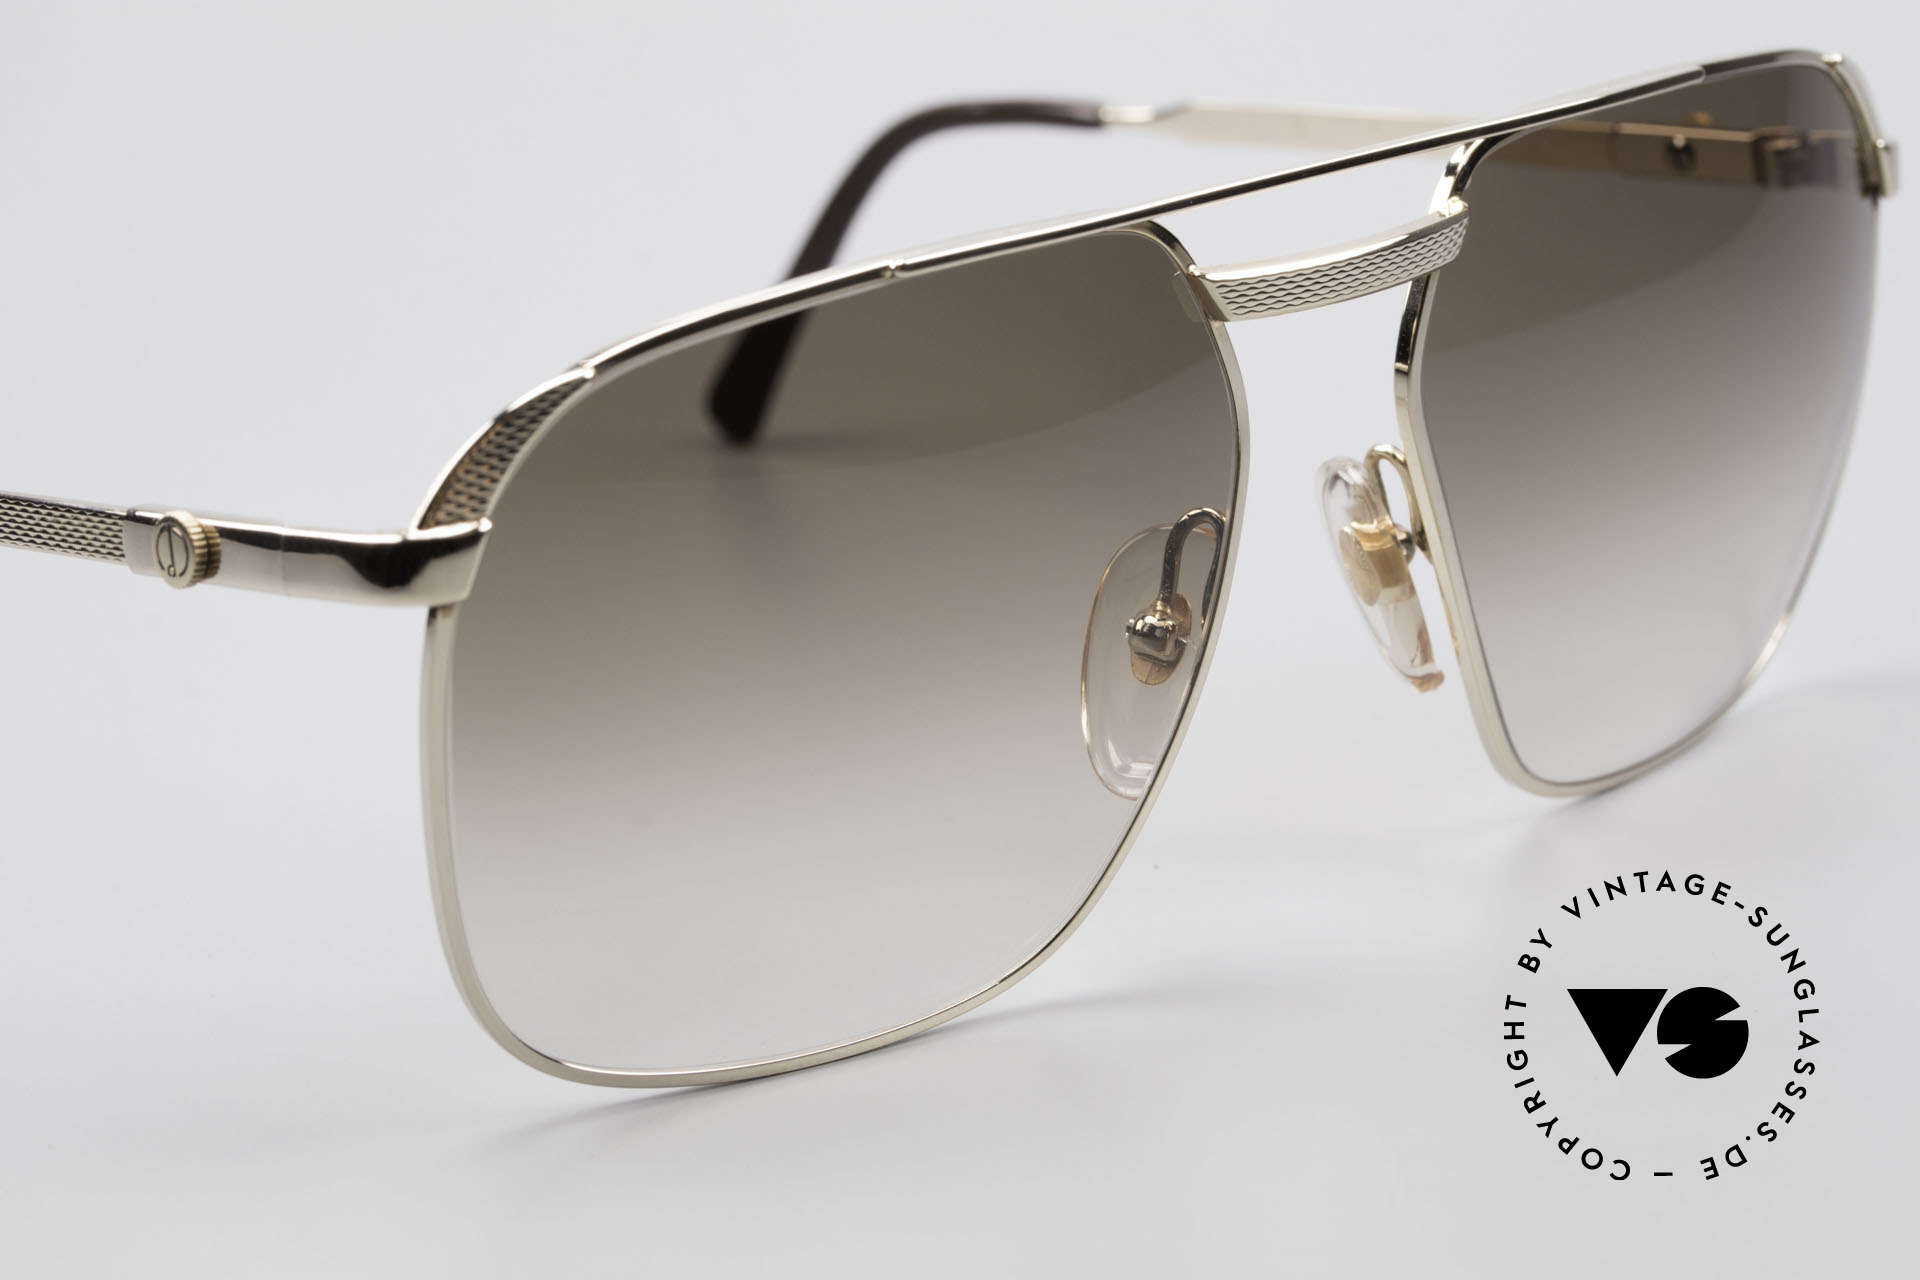 Dunhill 6011 Vergoldete 80er Herrenbrille, ungetragen (wie alle unsere vintage Dunhill Brillen), Passend für Herren